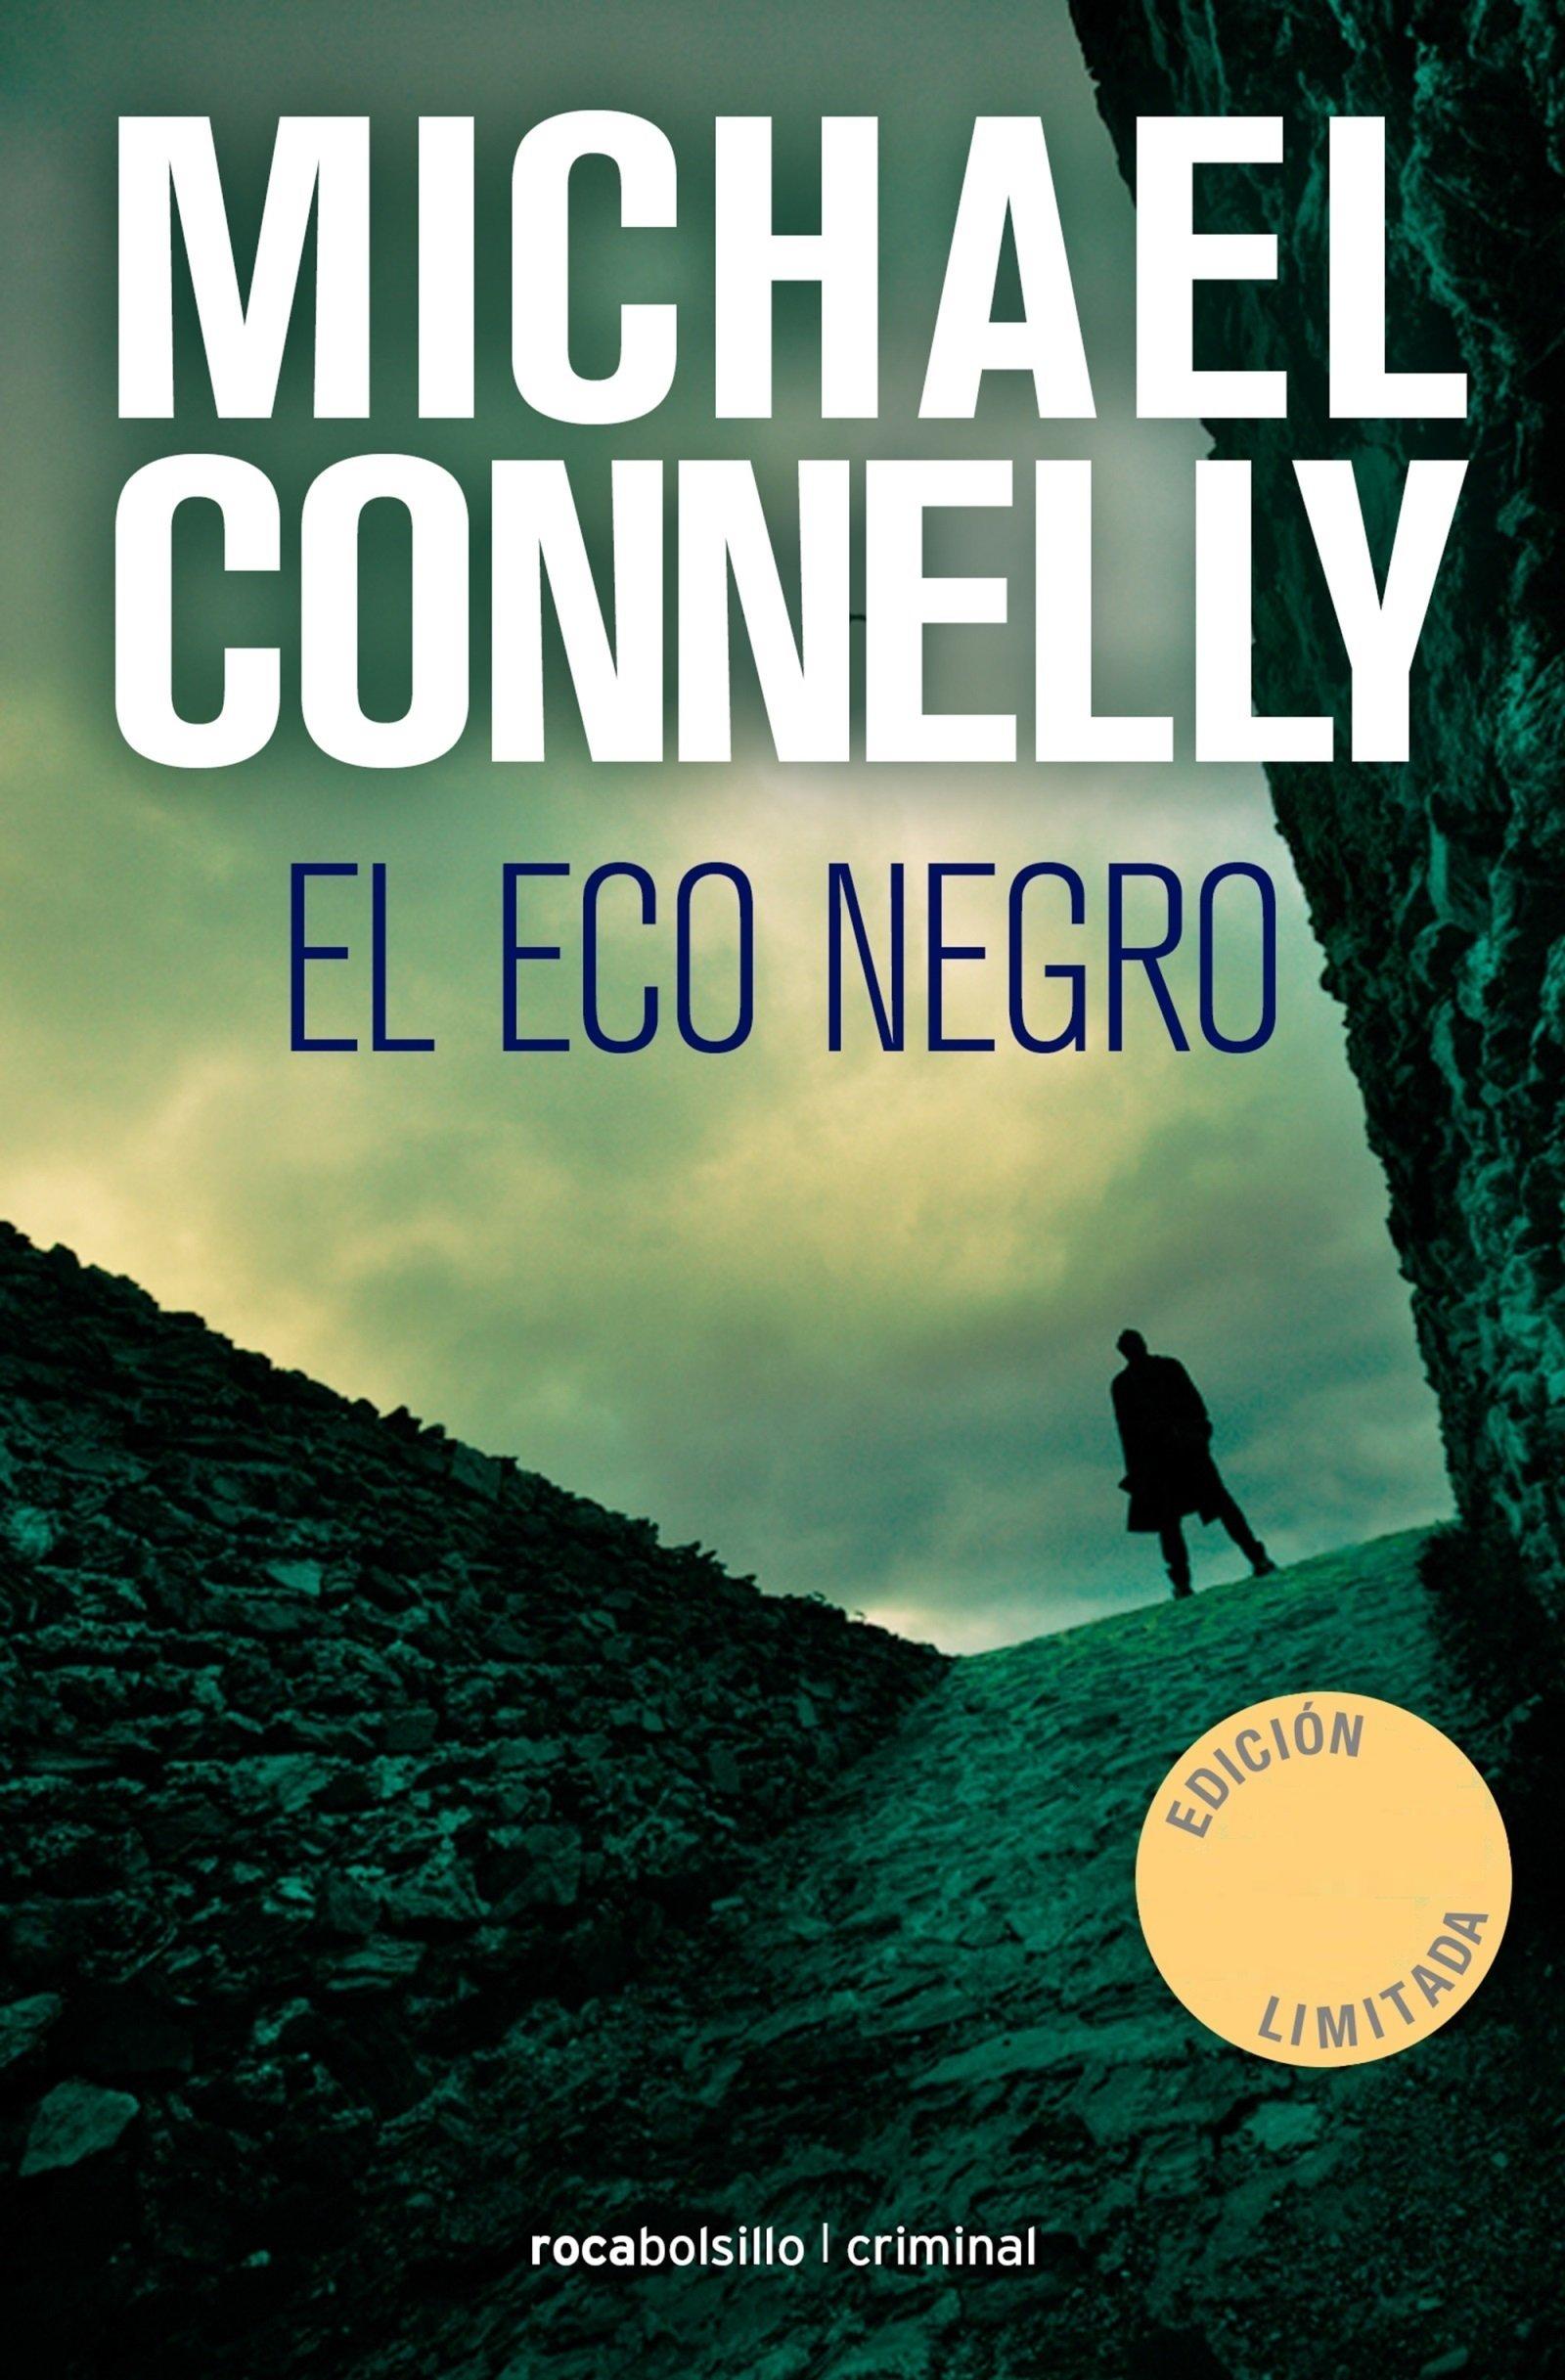 El eco negro (Spanish Edition): Michael Connelly: 9788416859221:  Amazon.com: Books